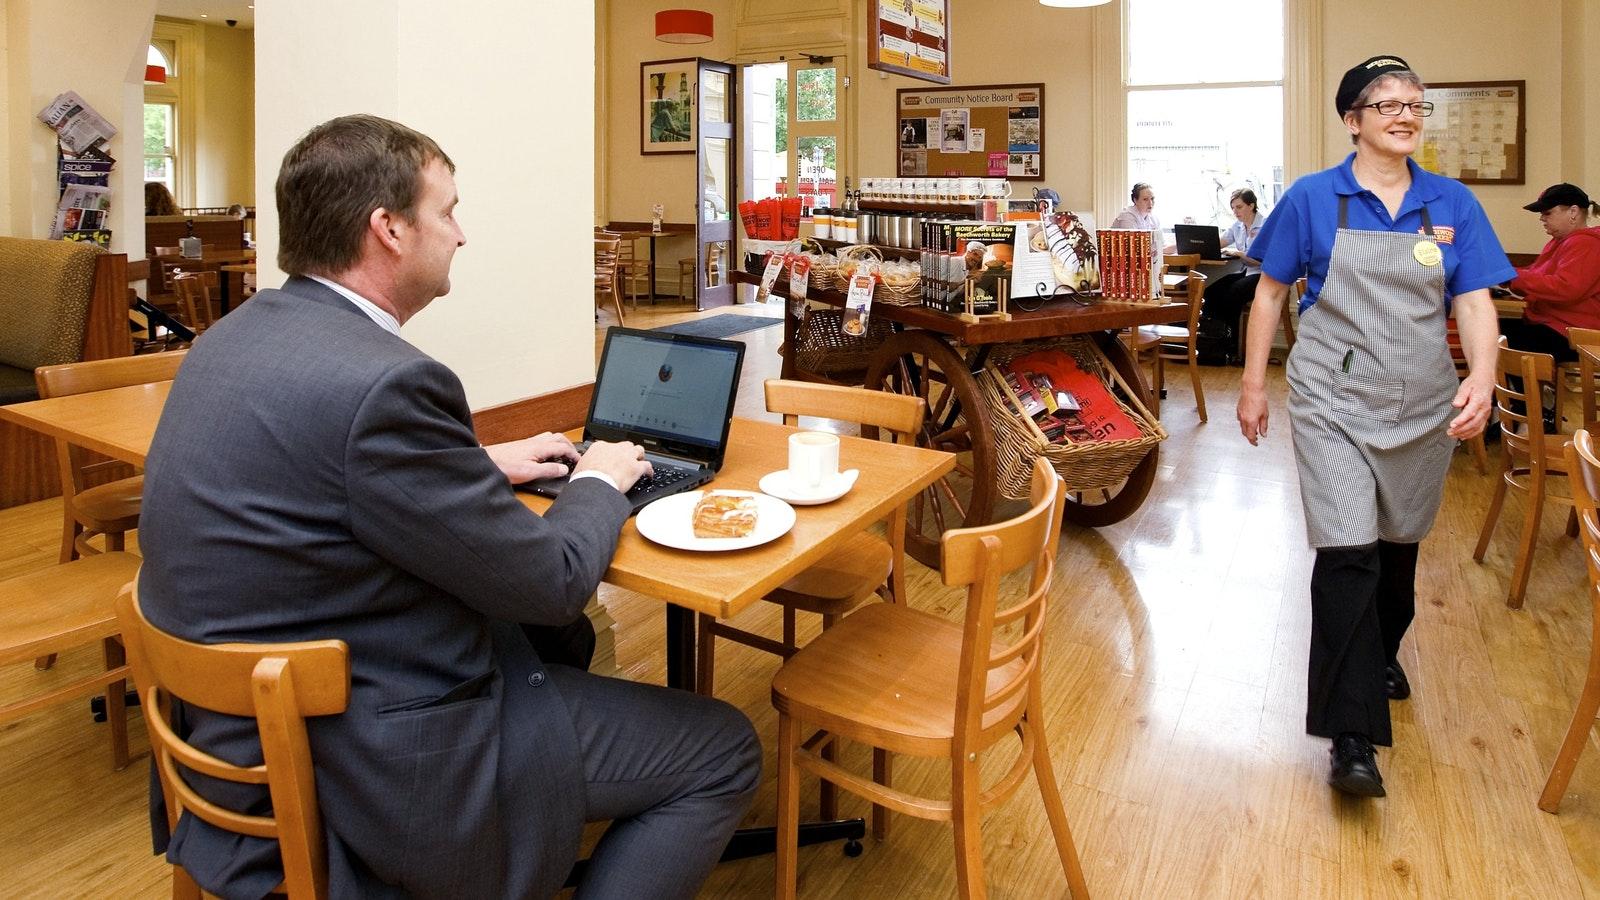 Beechworth Bakery Ballarat invites taking your time